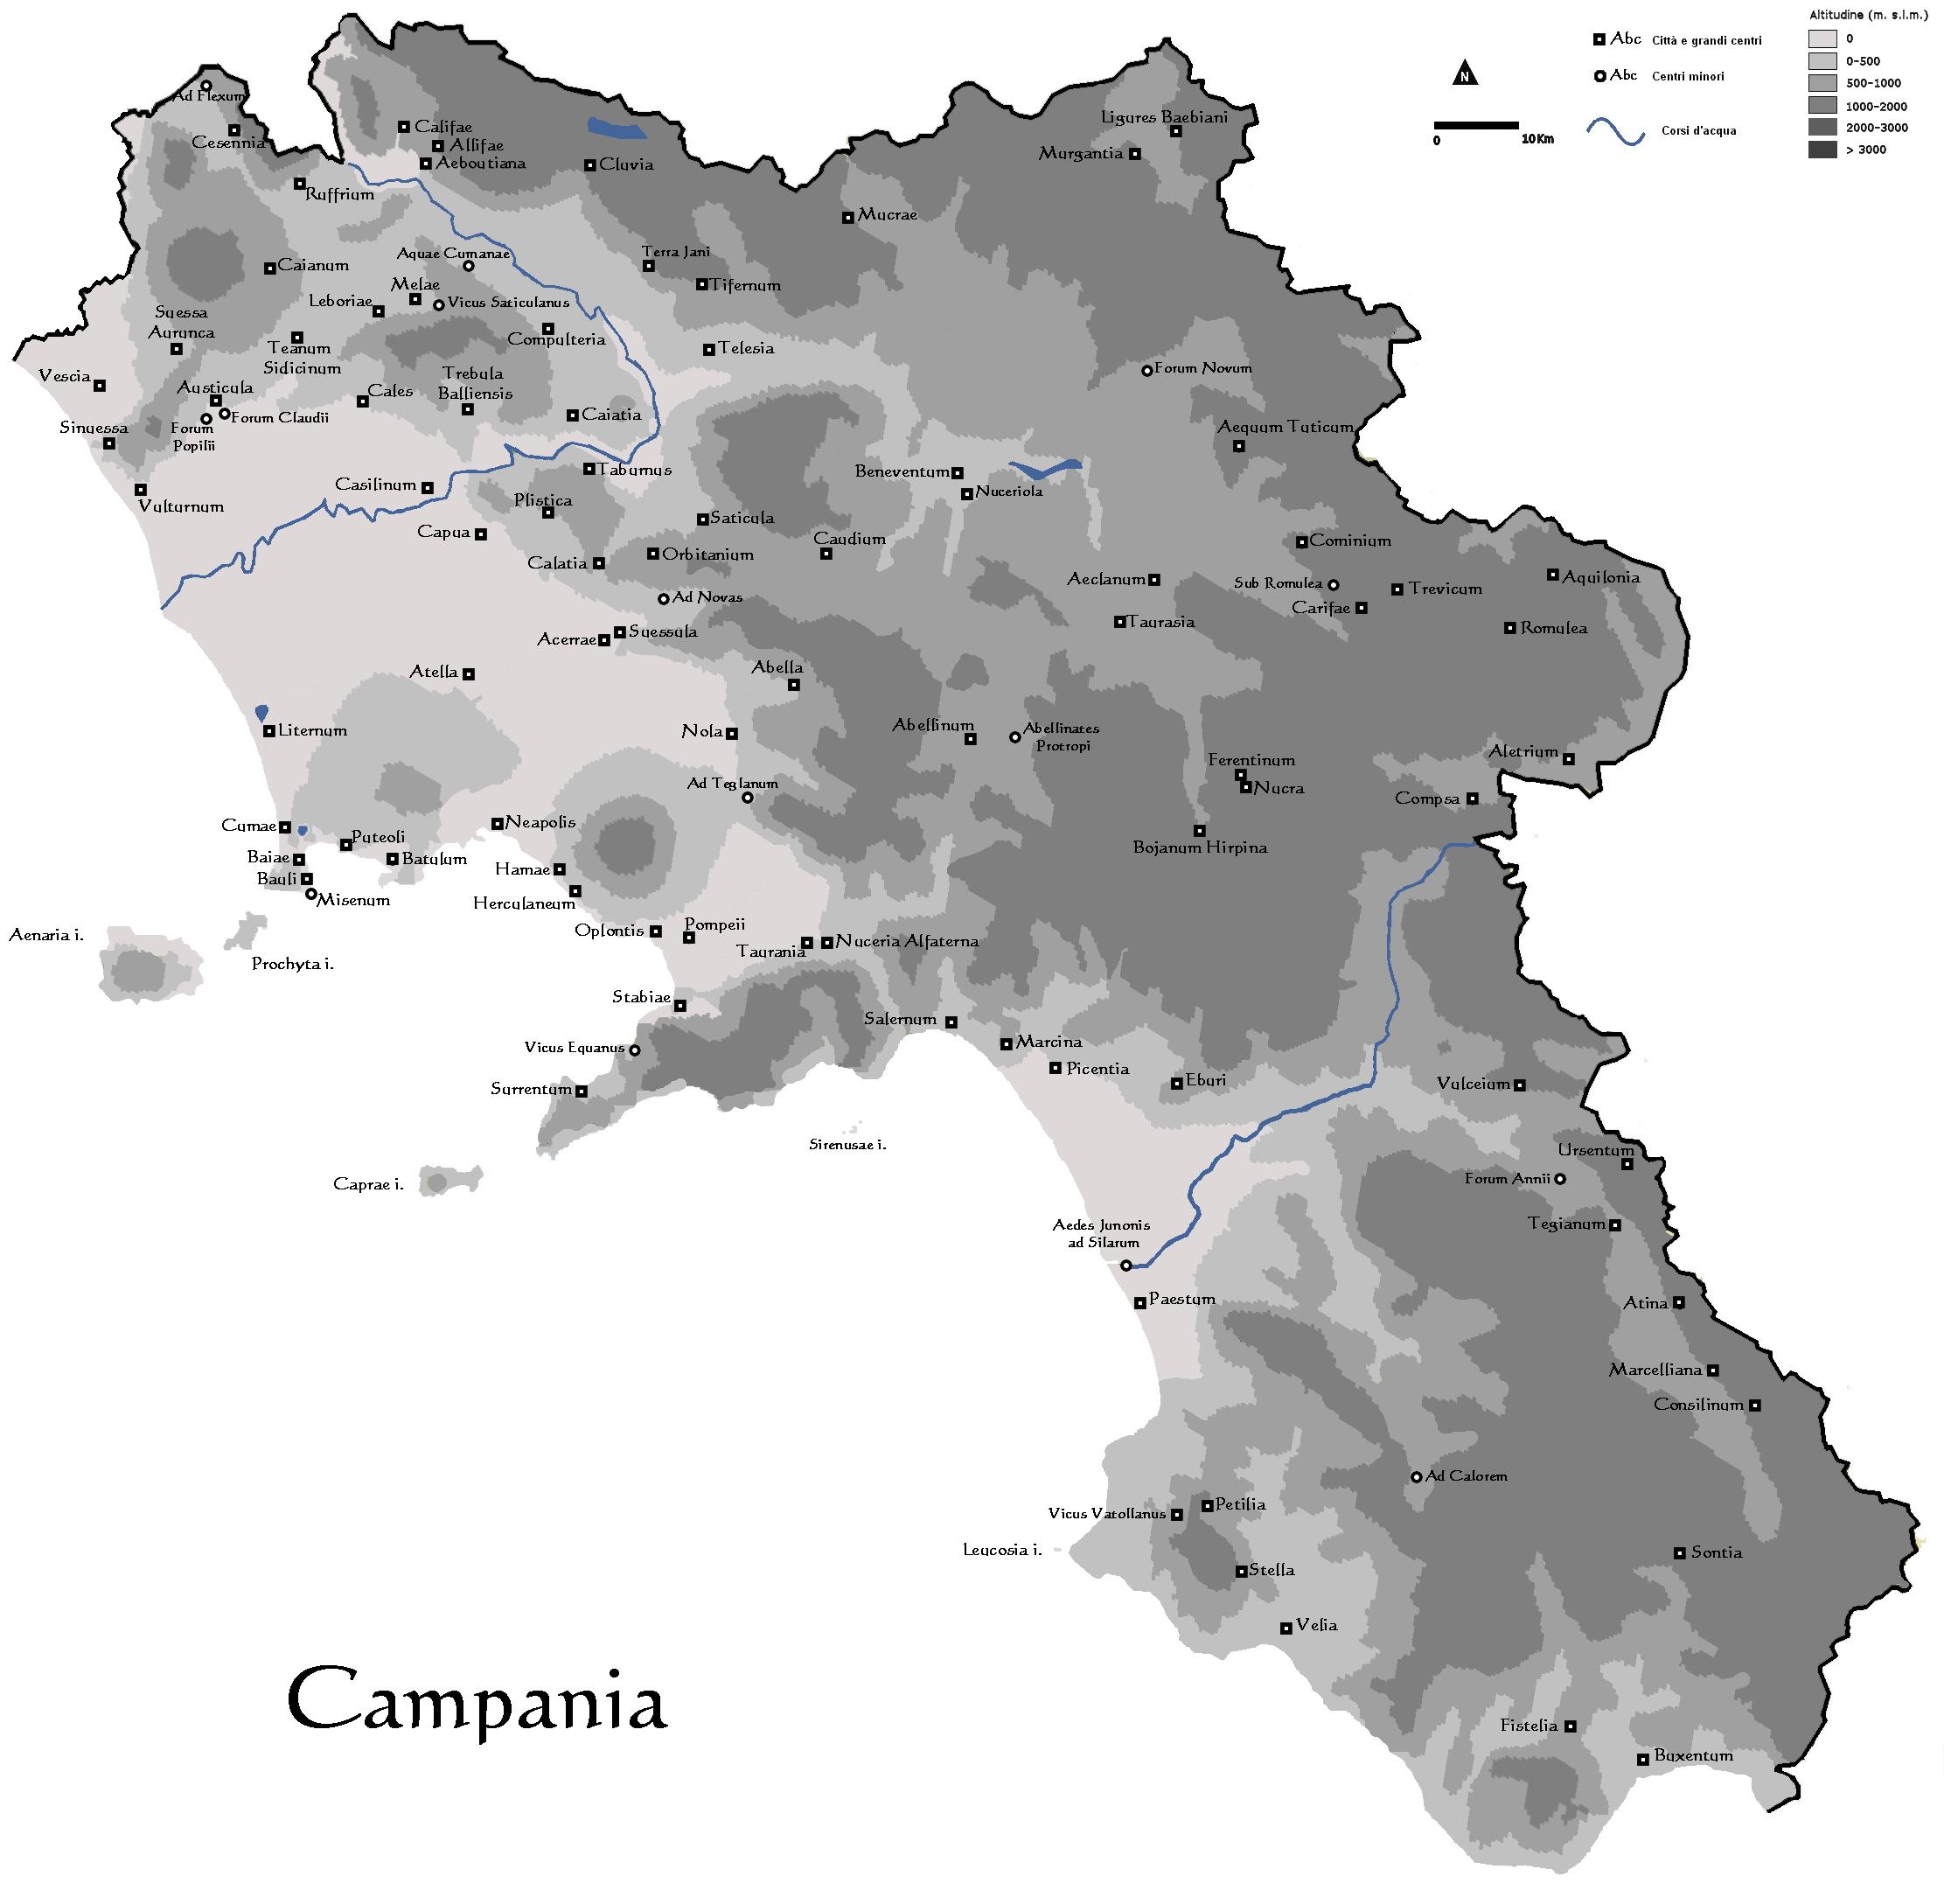 Cartina Campania Grande.Instoria Italia Antiqua Xv Campania